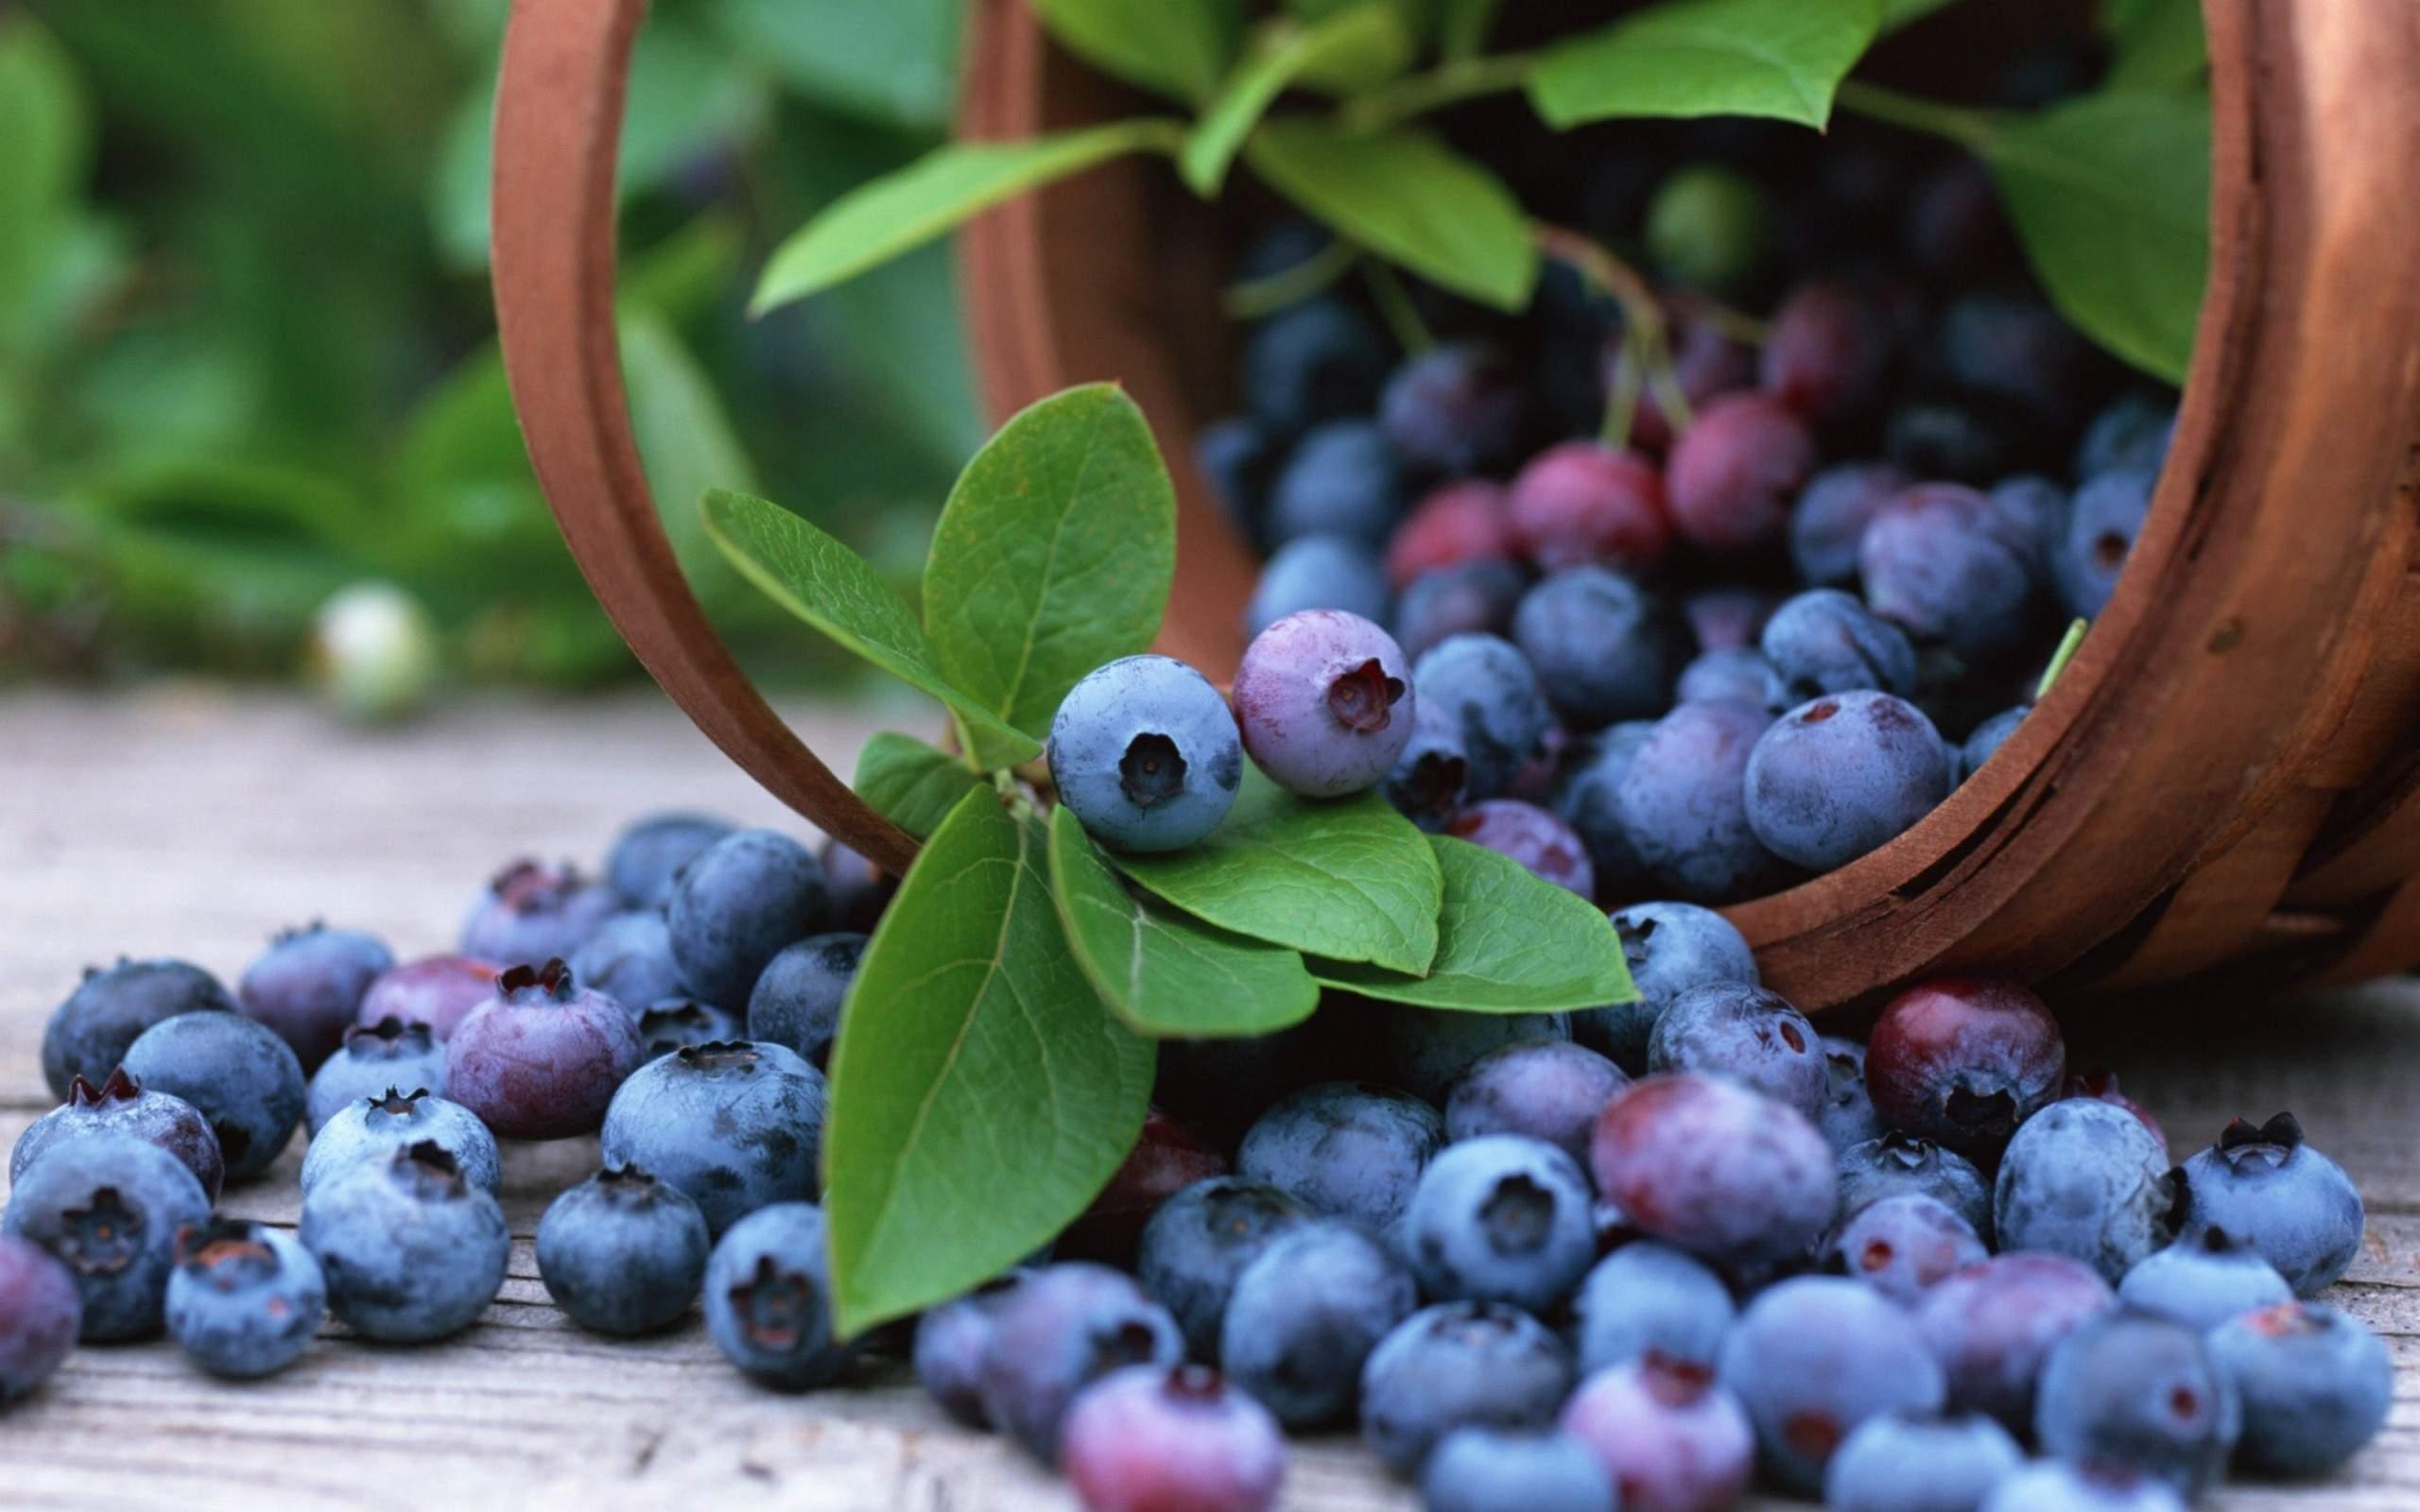 Cum este afine utile pentru ochi și viziune? - Miopie September